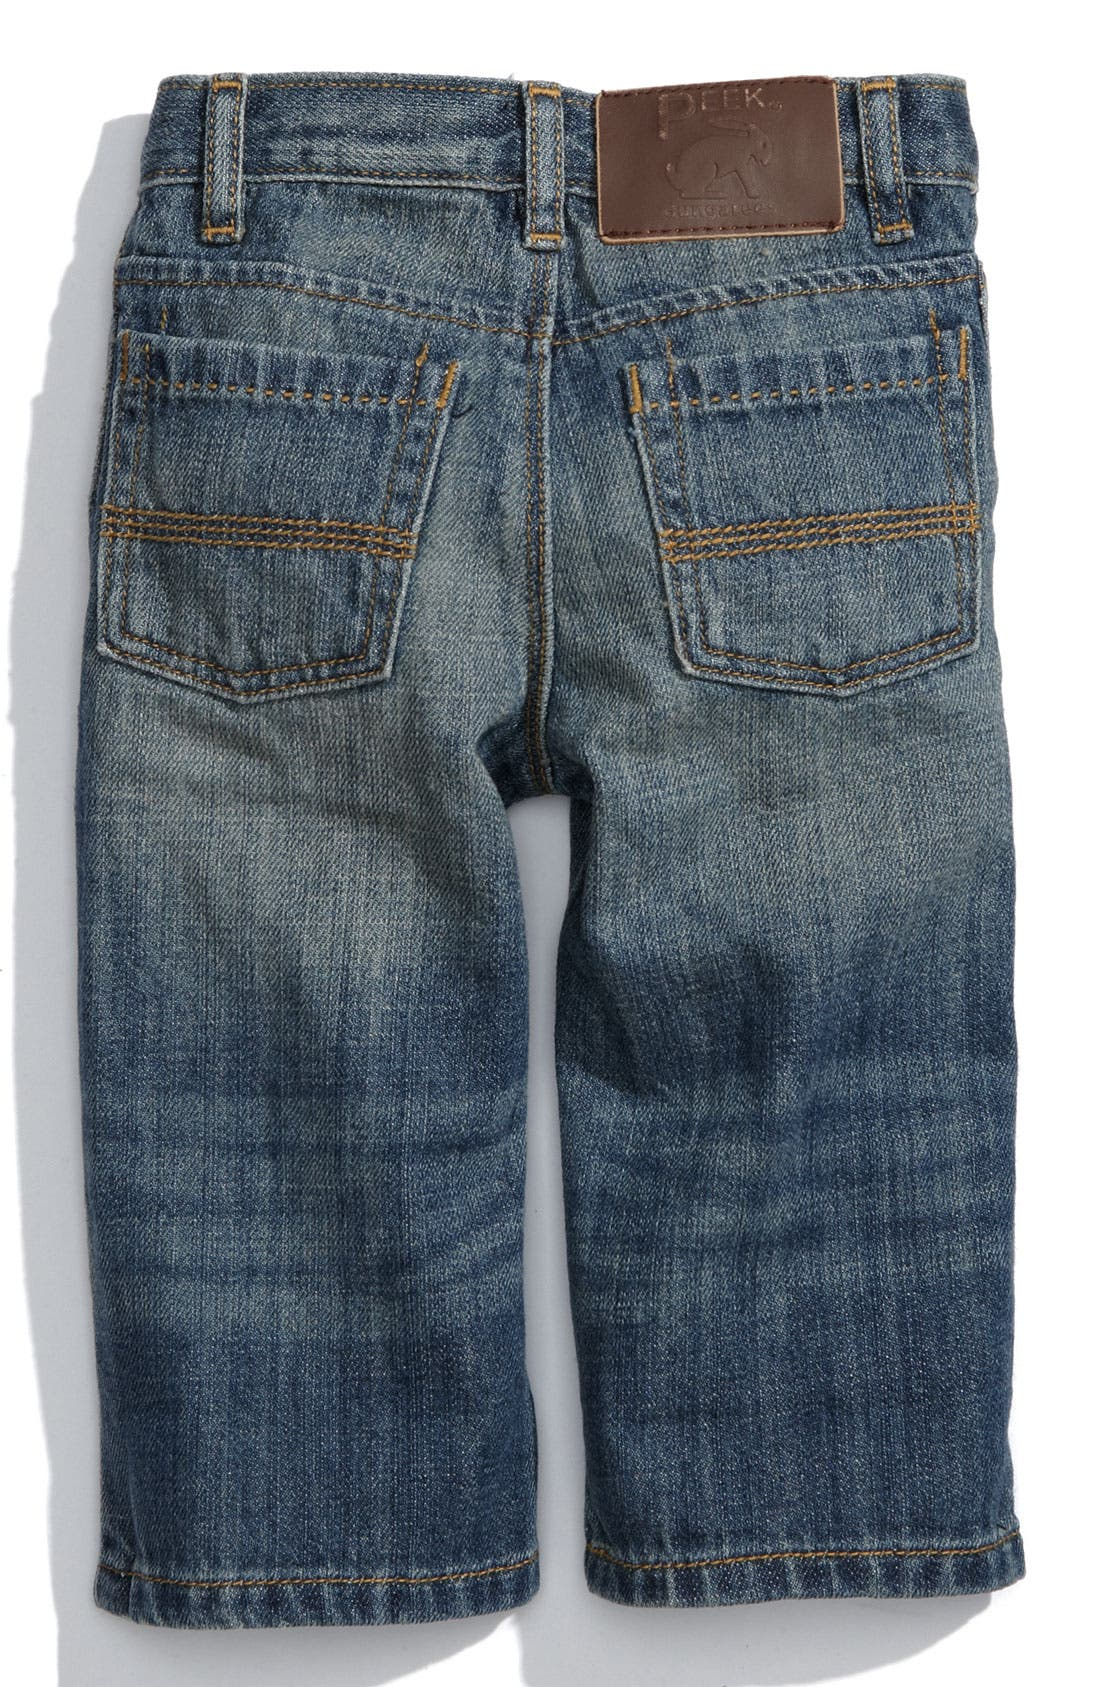 Alternate Image 1 Selected - Peek 'Big Peanut' Jeans (Infant)